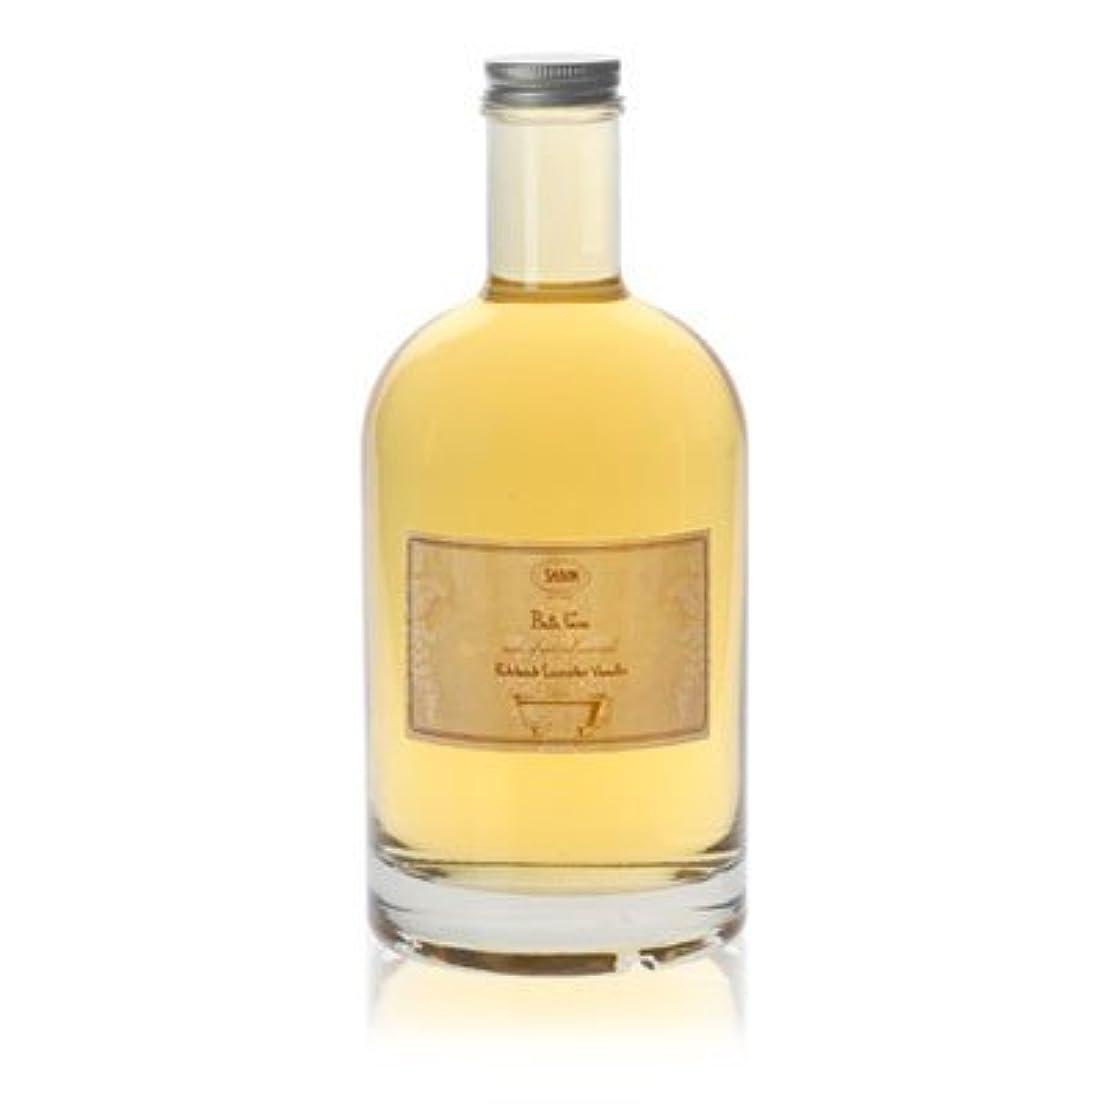 メディカルチーズ社会【SABON(サボン)】Bath Foam Patchouli Lavender Vanilla バス フォーム パチョリ ラベンダー バニラ